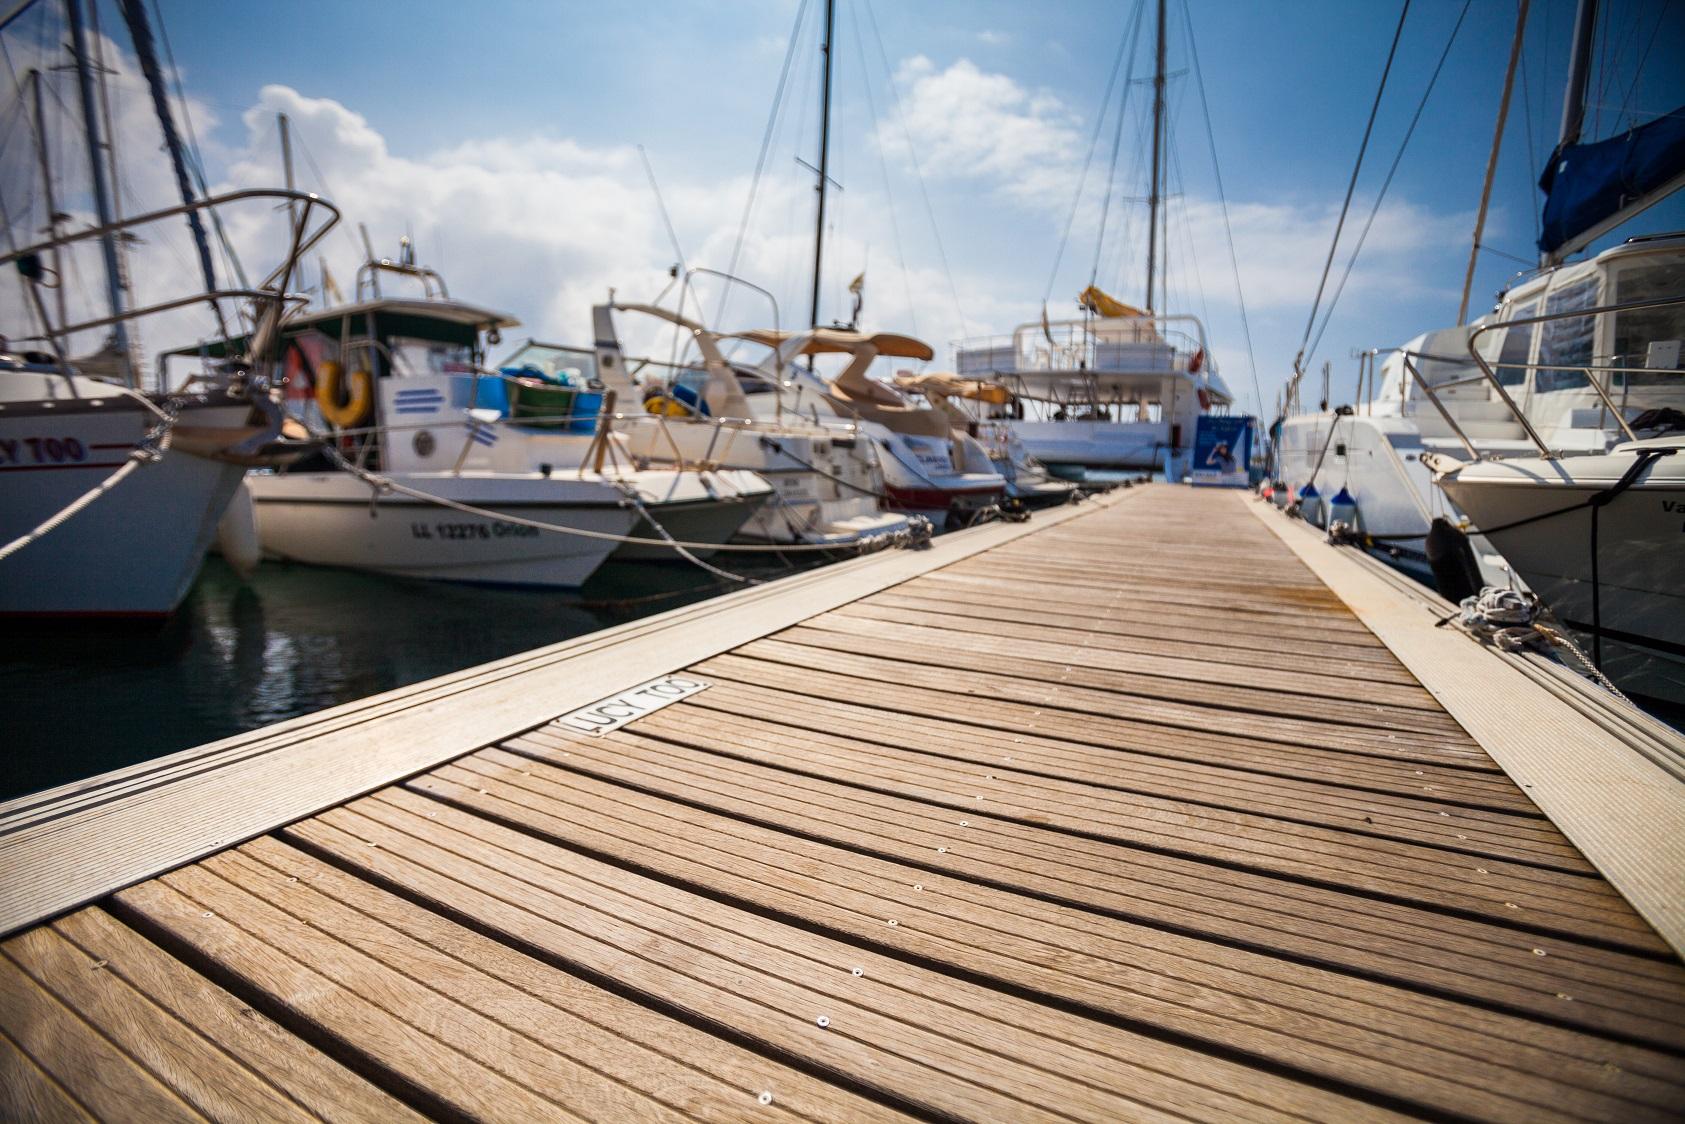 charter-marina-boat-base-fleet-sailing-yacht-2